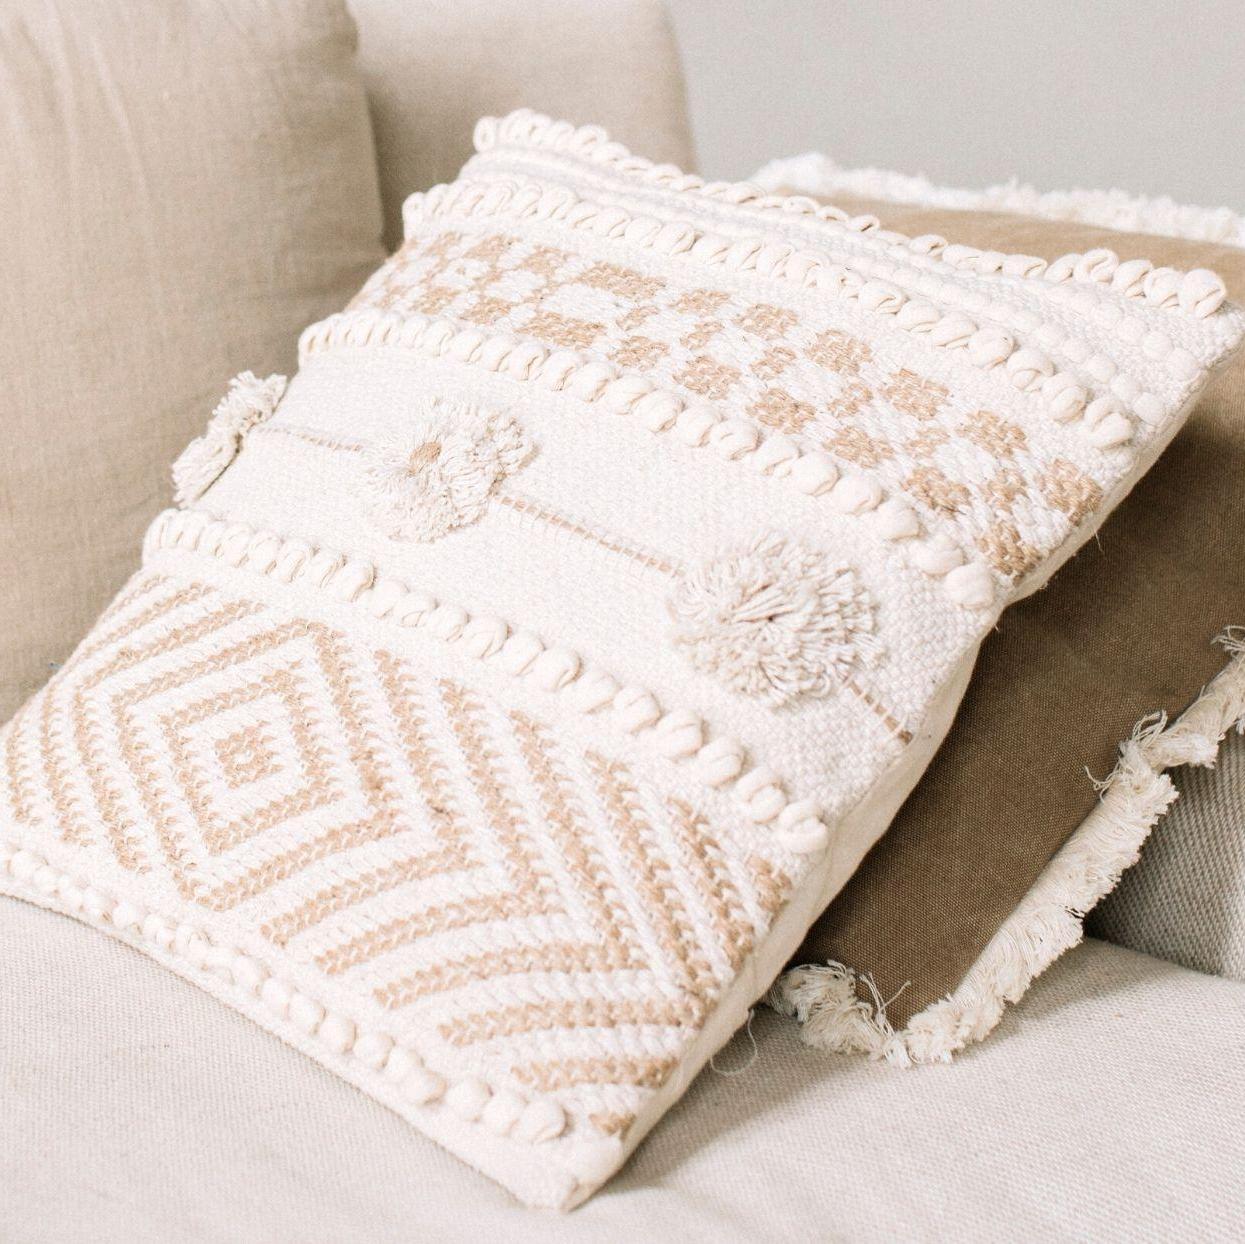 Cojín de algodón y yute, Andrea House. Detalle